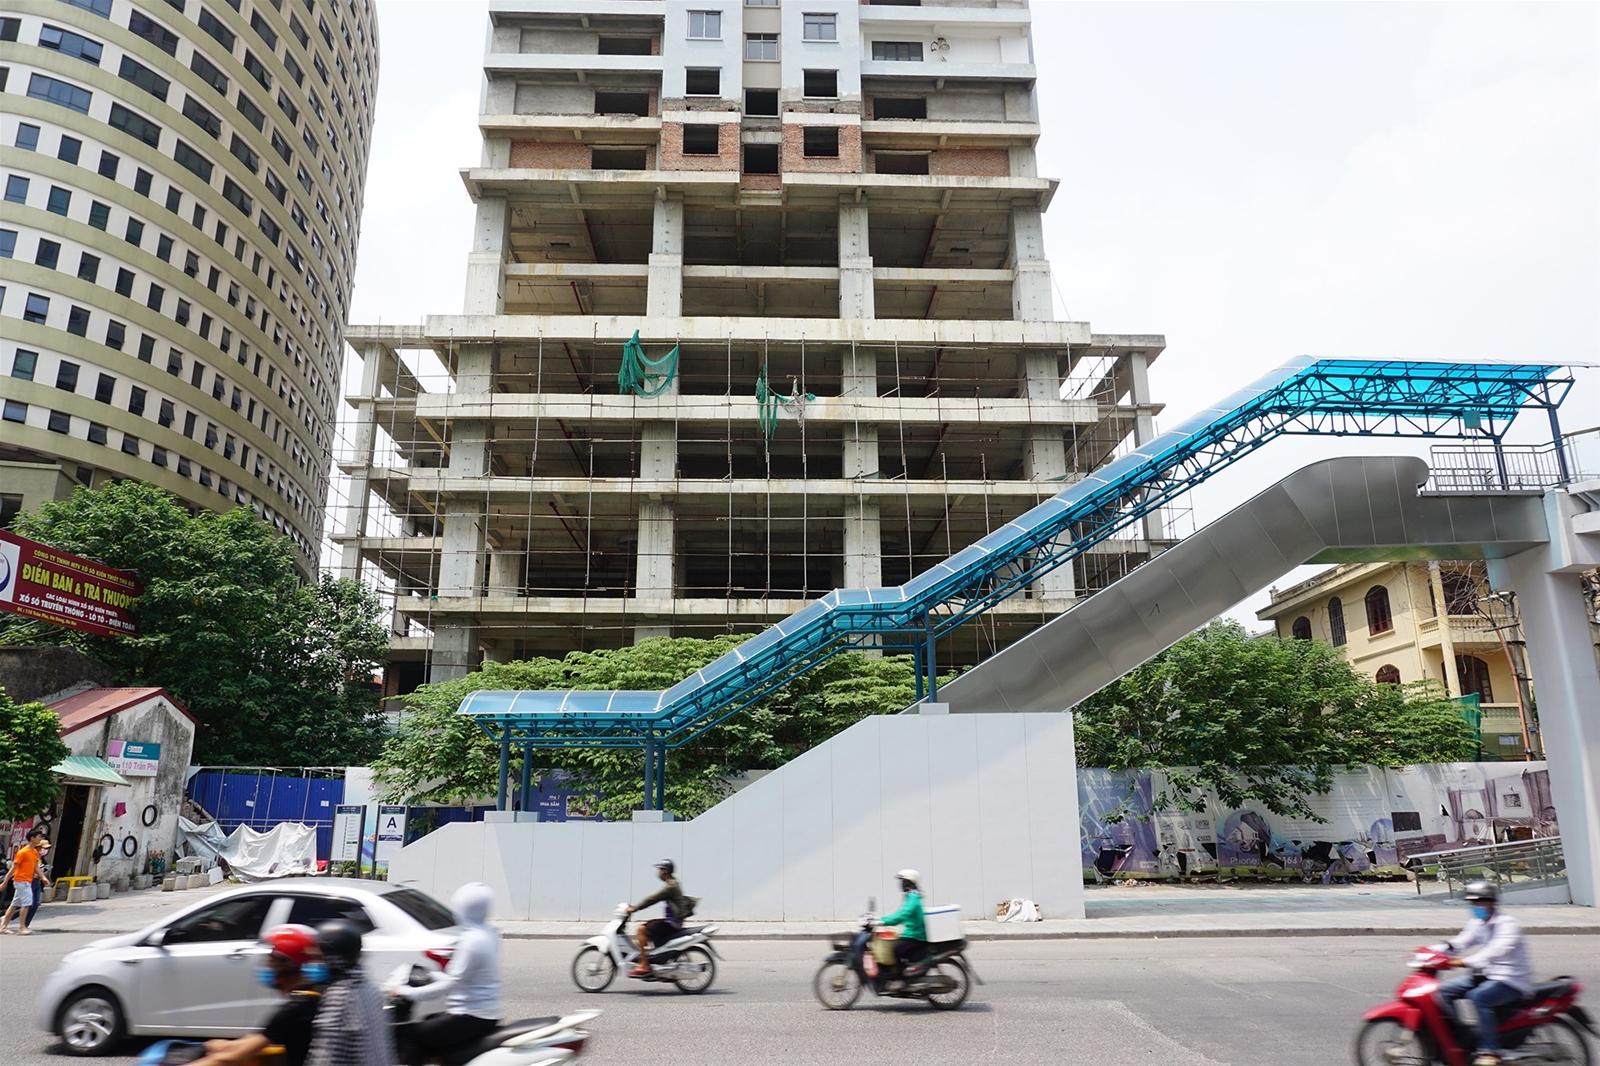 Hà Nội: Thanh tra Bộ Xây dựng đôn đốc, kiểm tra hàng loạt dự án sai phạm